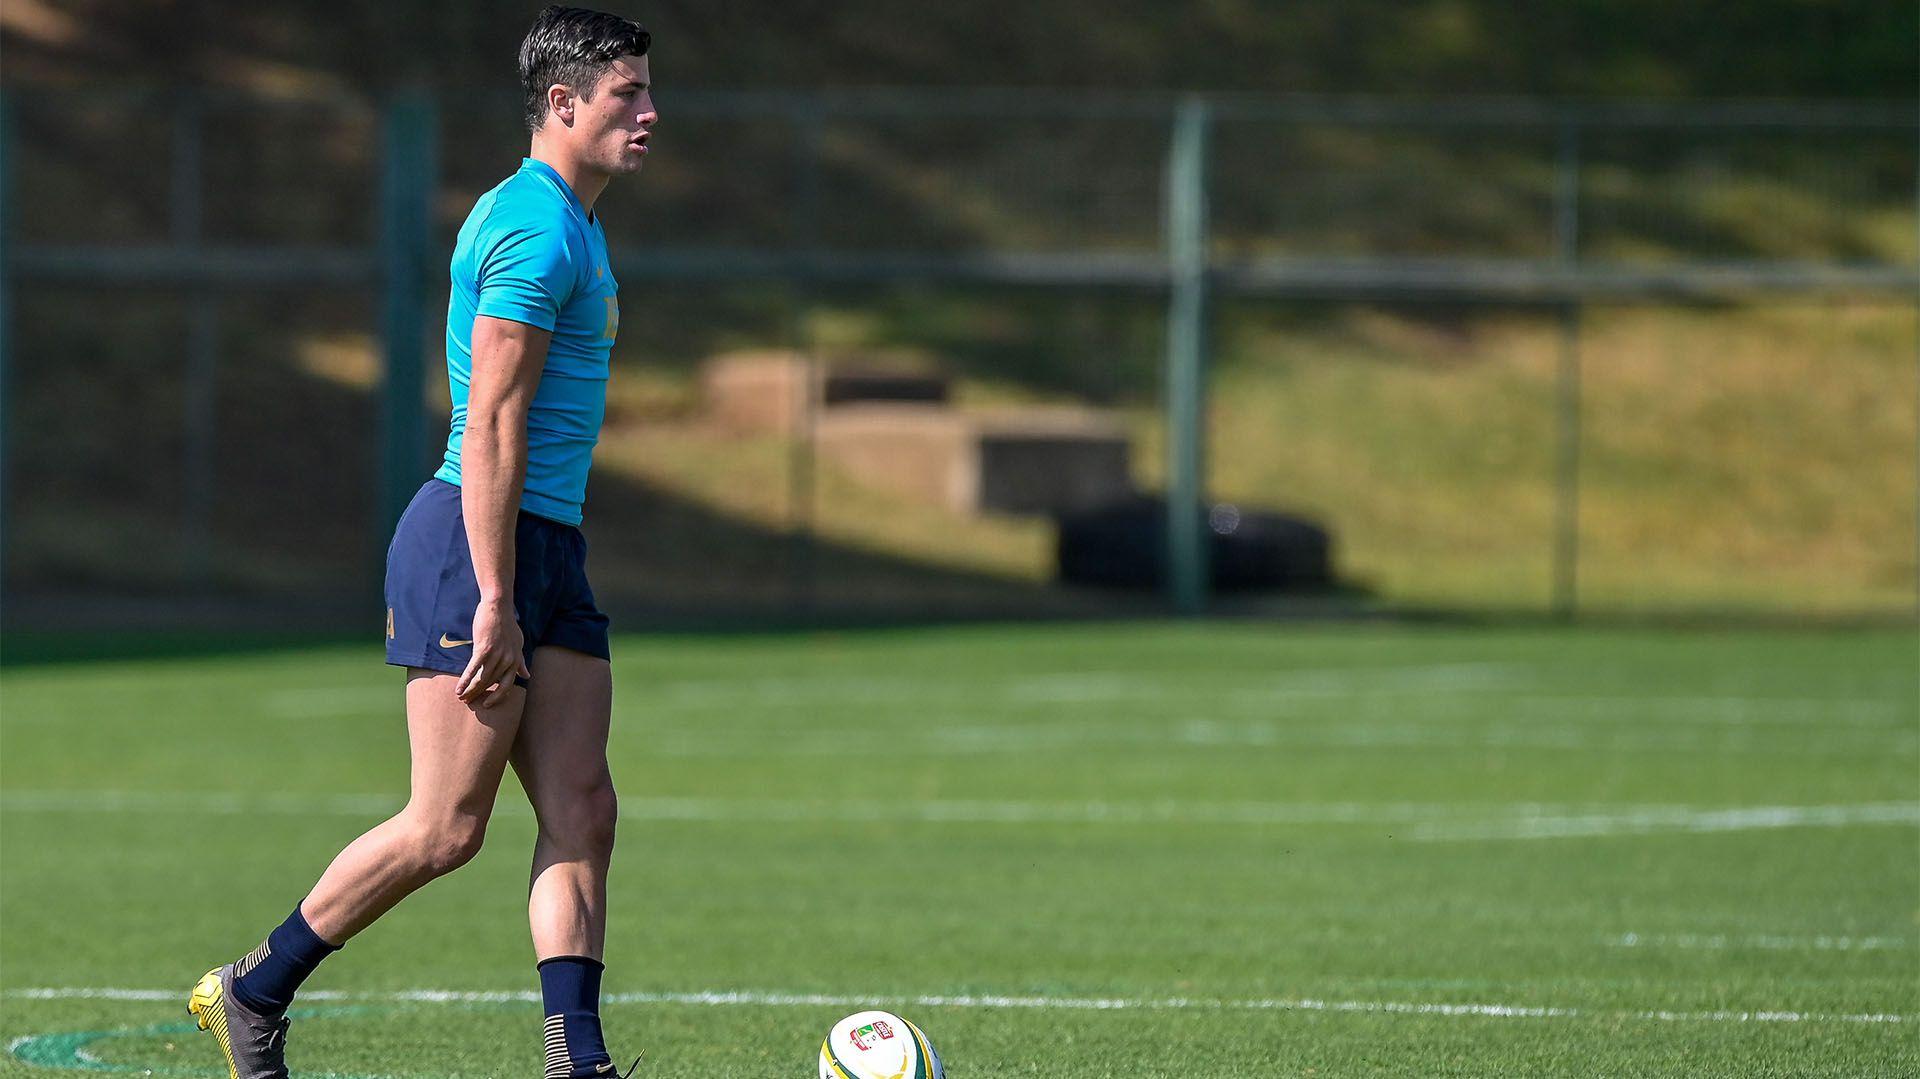 Delguy tomó la decisión de dejar sus estudios cuando fue llamado para integrar el plantel de Jaguares para disputar el Súper Rugby (Shaun Roy Photography)